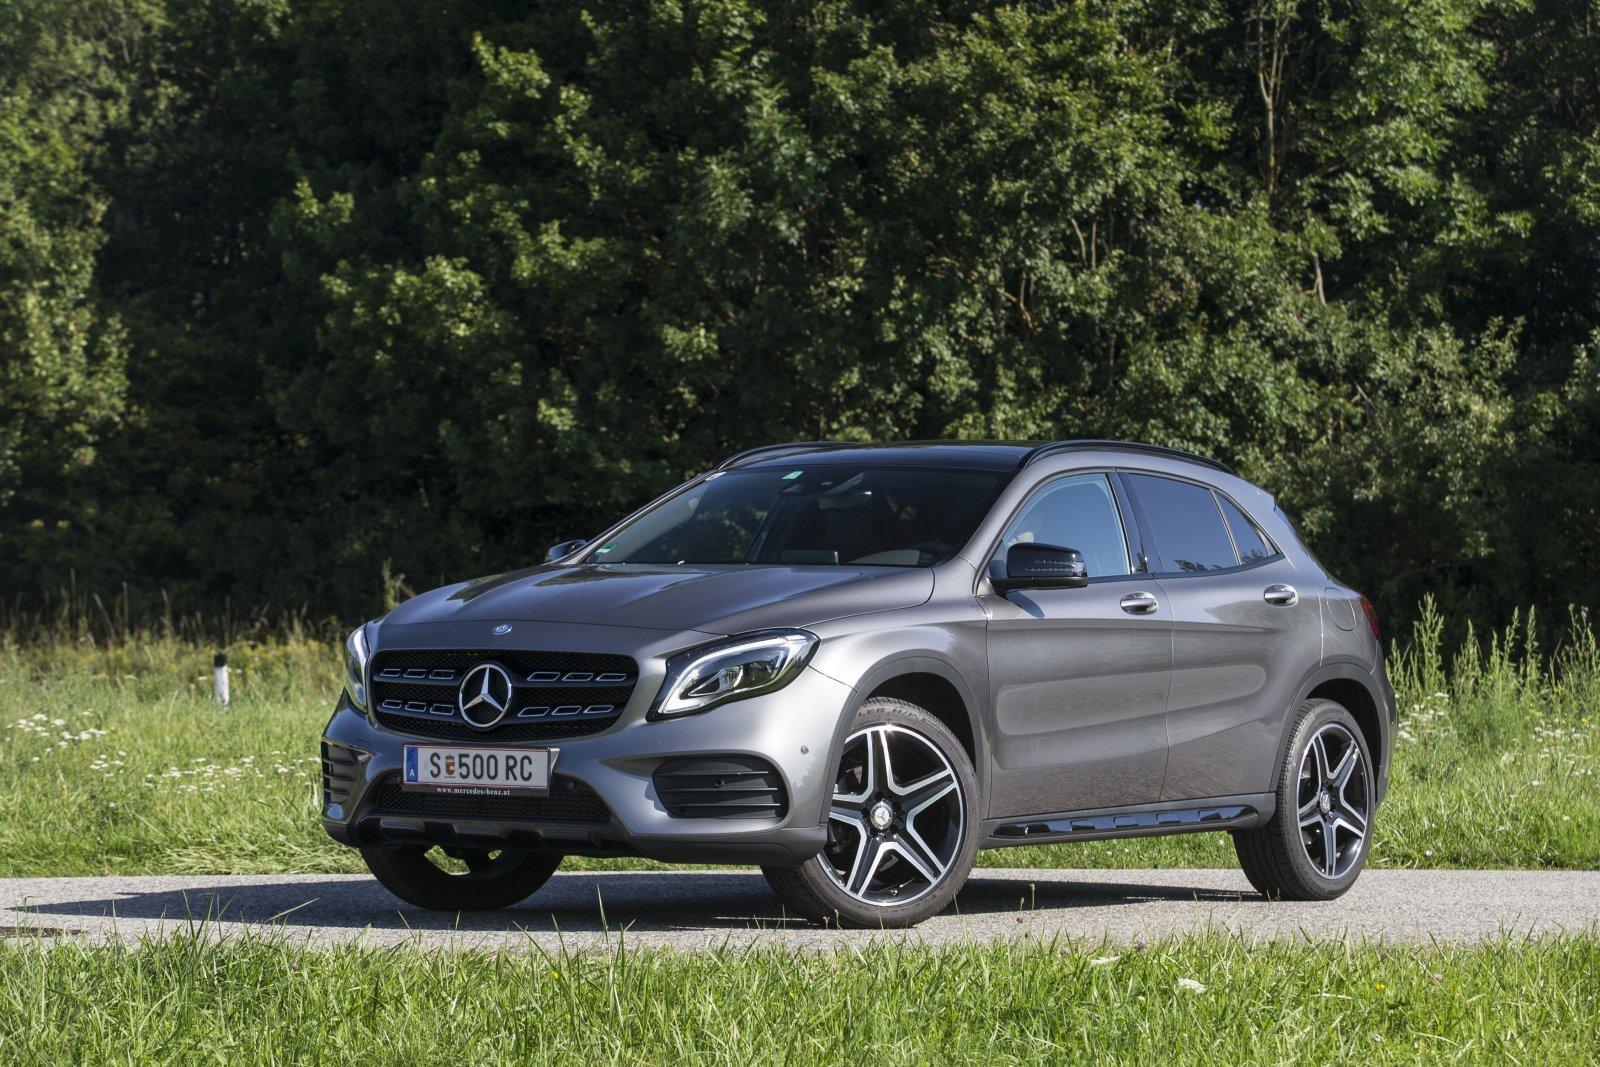 TEST: Mercedes GLA 200 d 4MATIC - ALLES AUTO